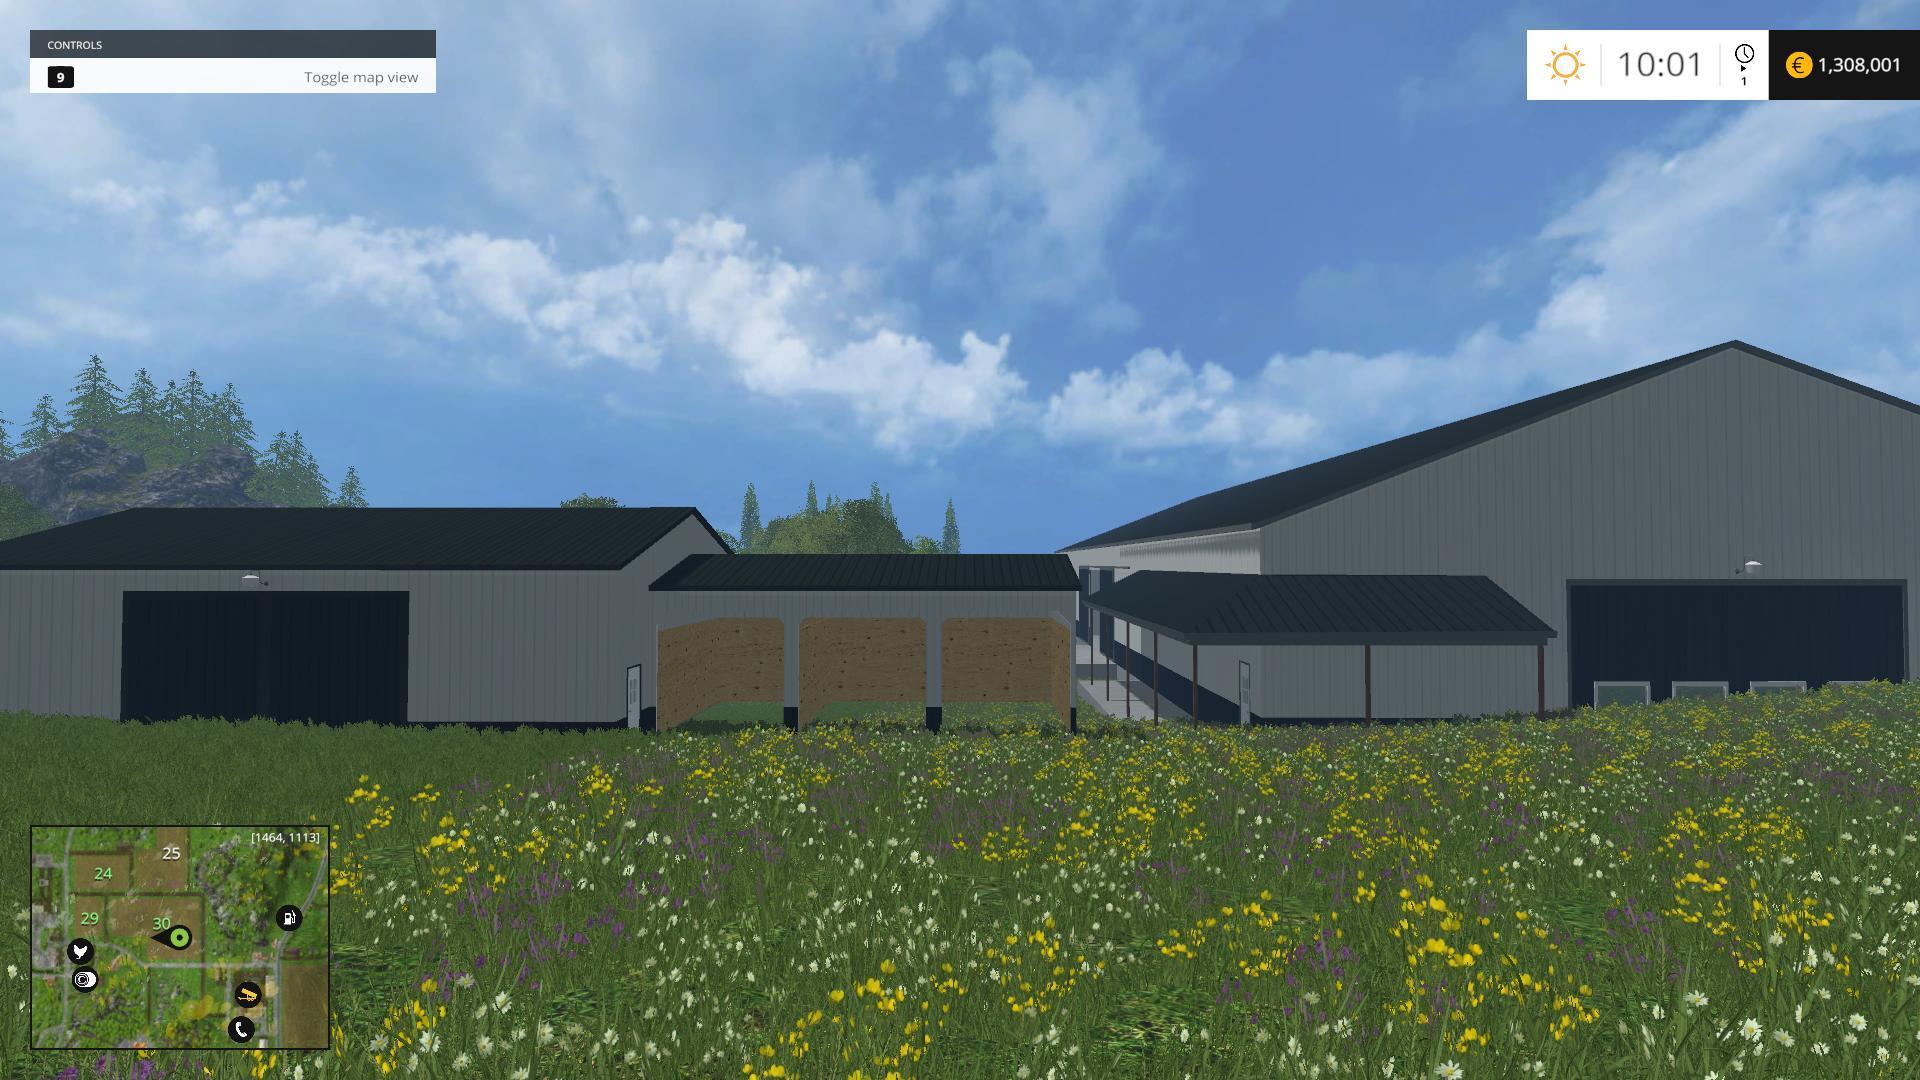 Morton Building 1 And 2 Fs 2015 Farming Simulator 2019